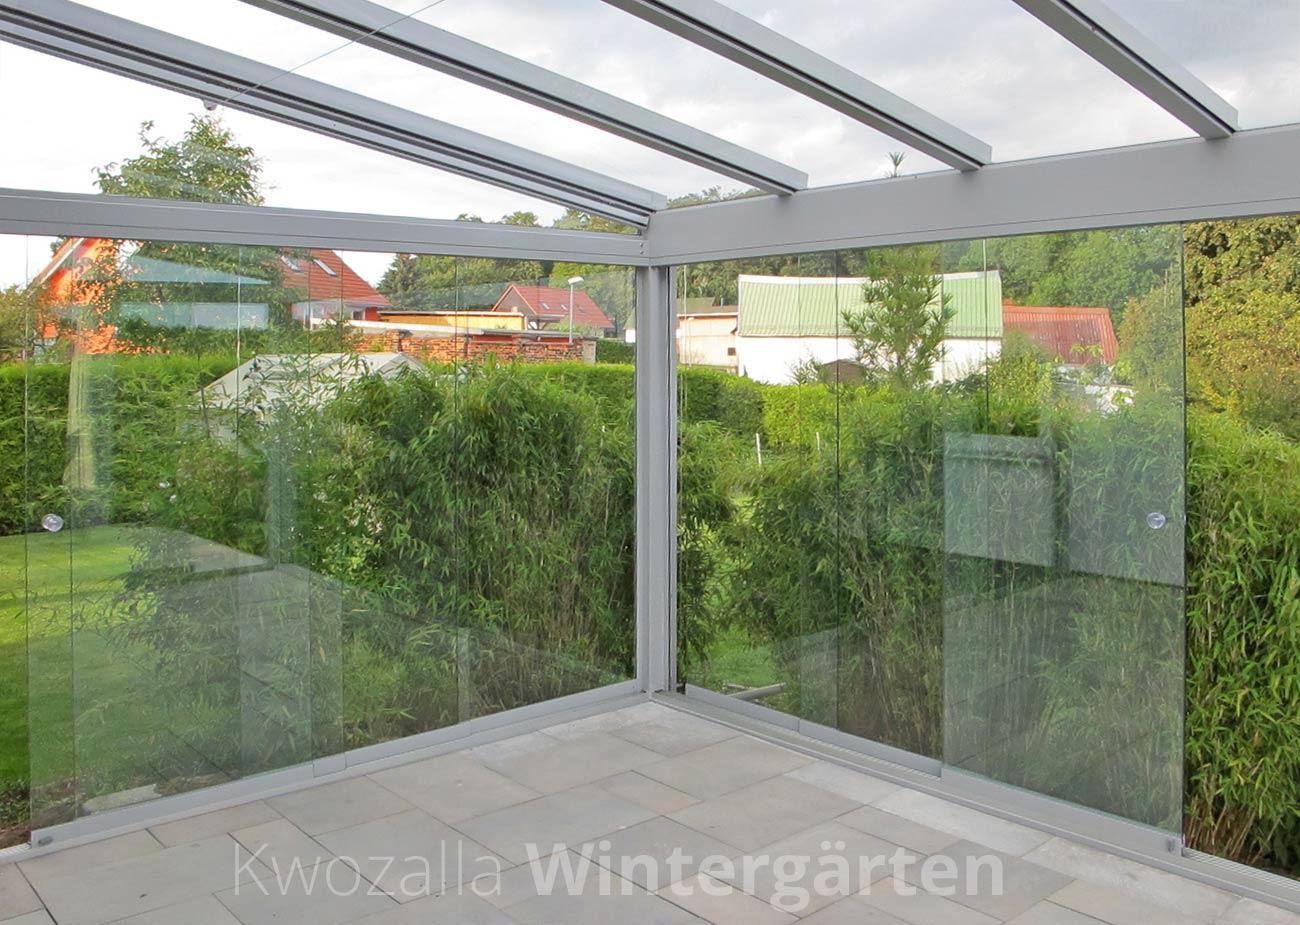 Elegante Wintergärten Glashäuser Terrassendächer Kwozalla